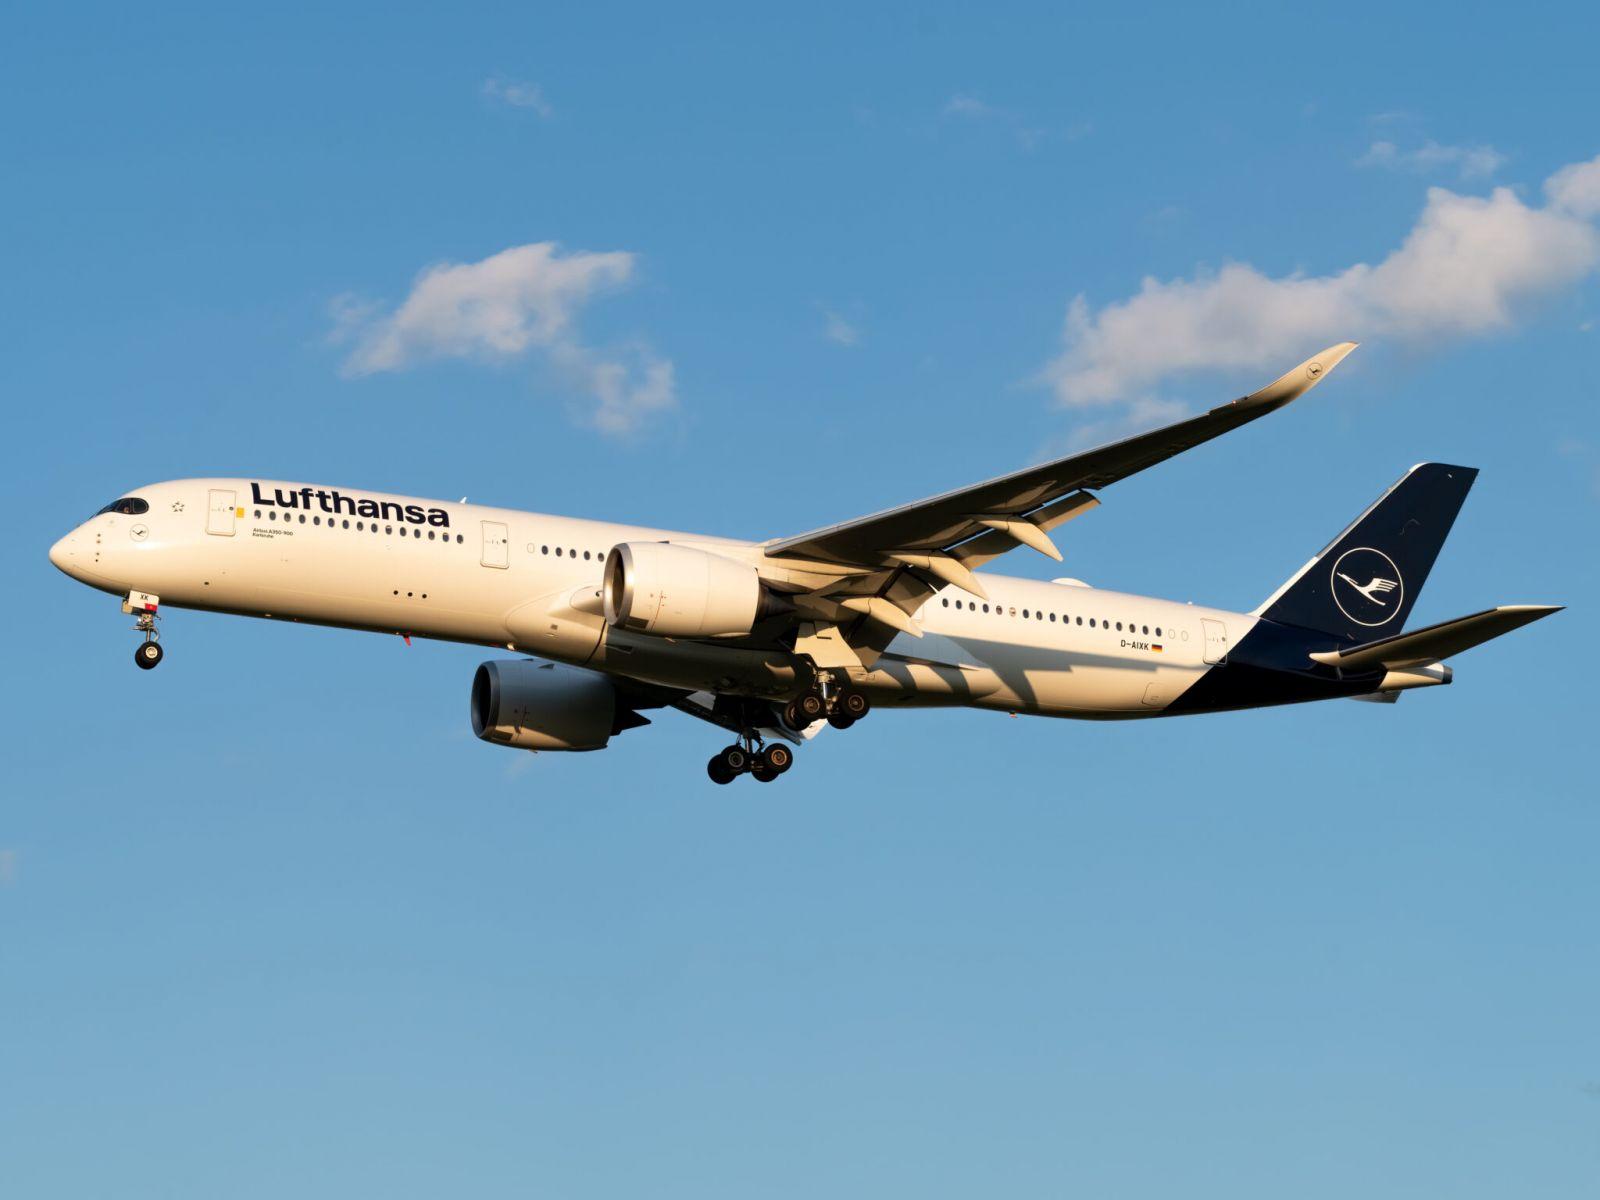 Lufthansa планира най-дългия си чартърен полет - 15 часа с Airbus A350 от Хамбург до Фолклeндските острови